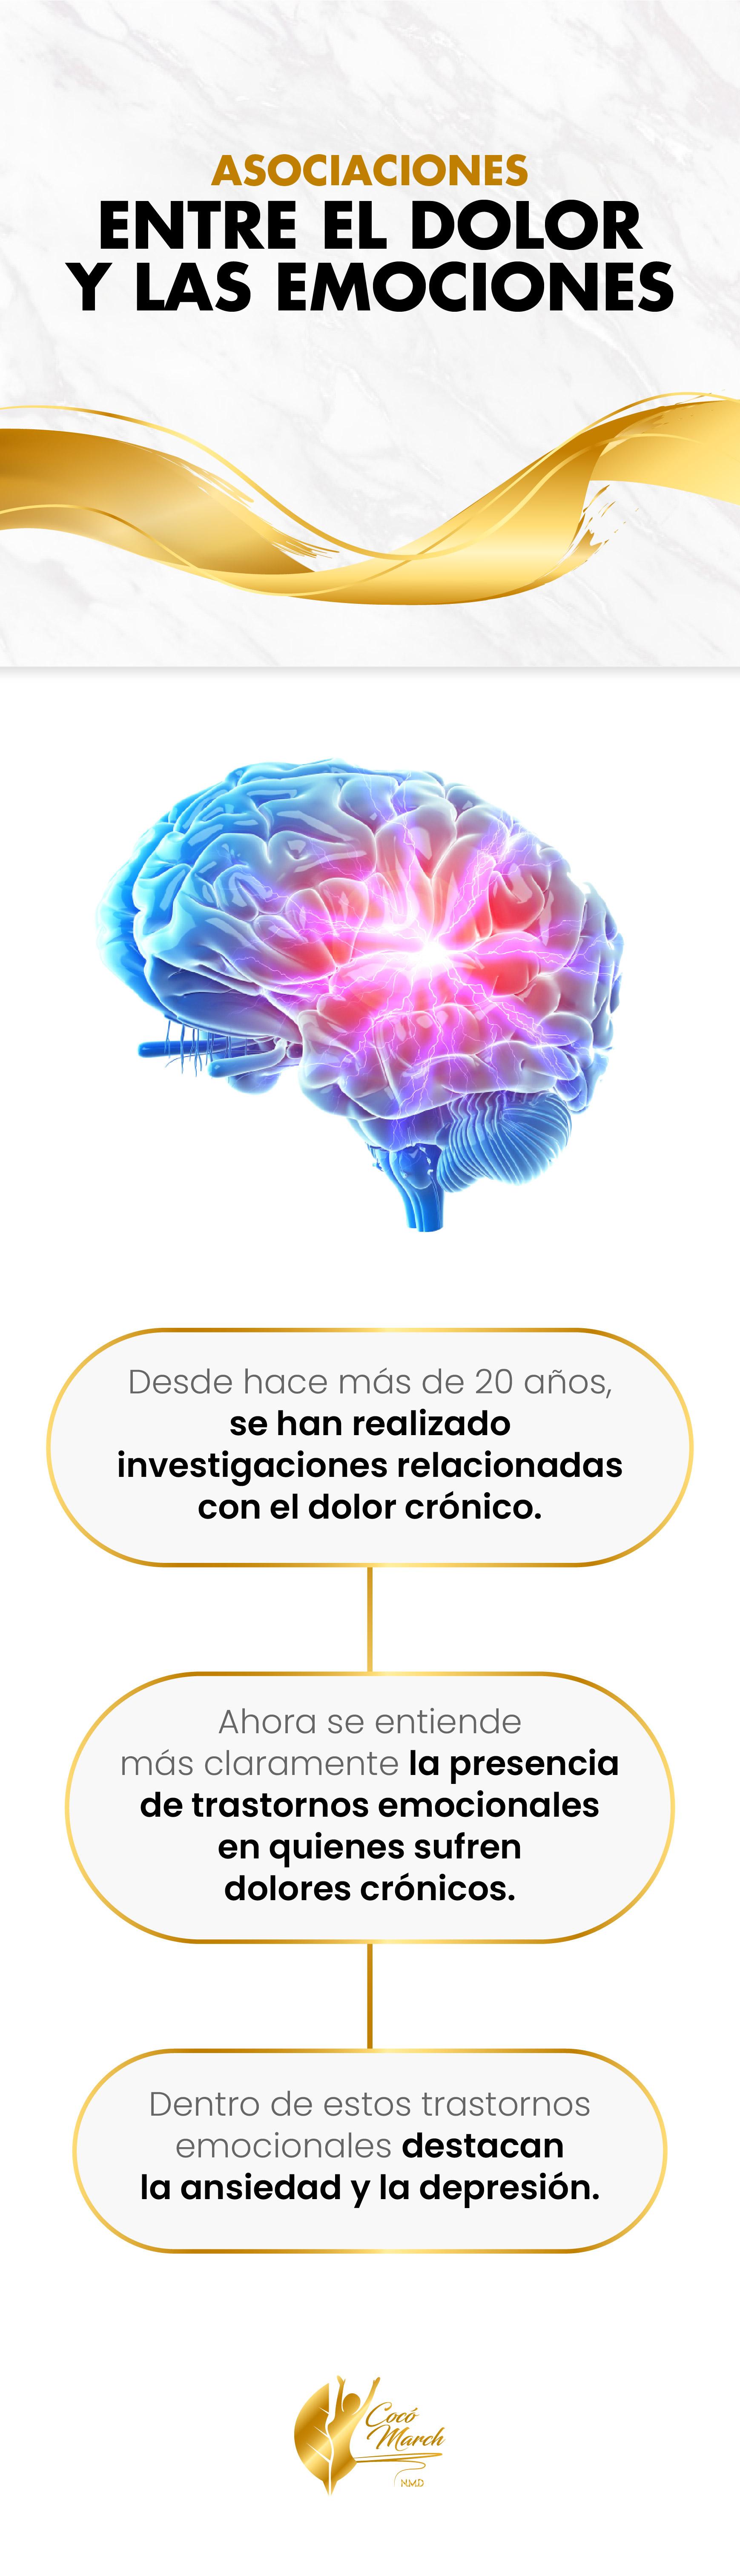 asociaciones-entre-el-dolor-y-las-emociones